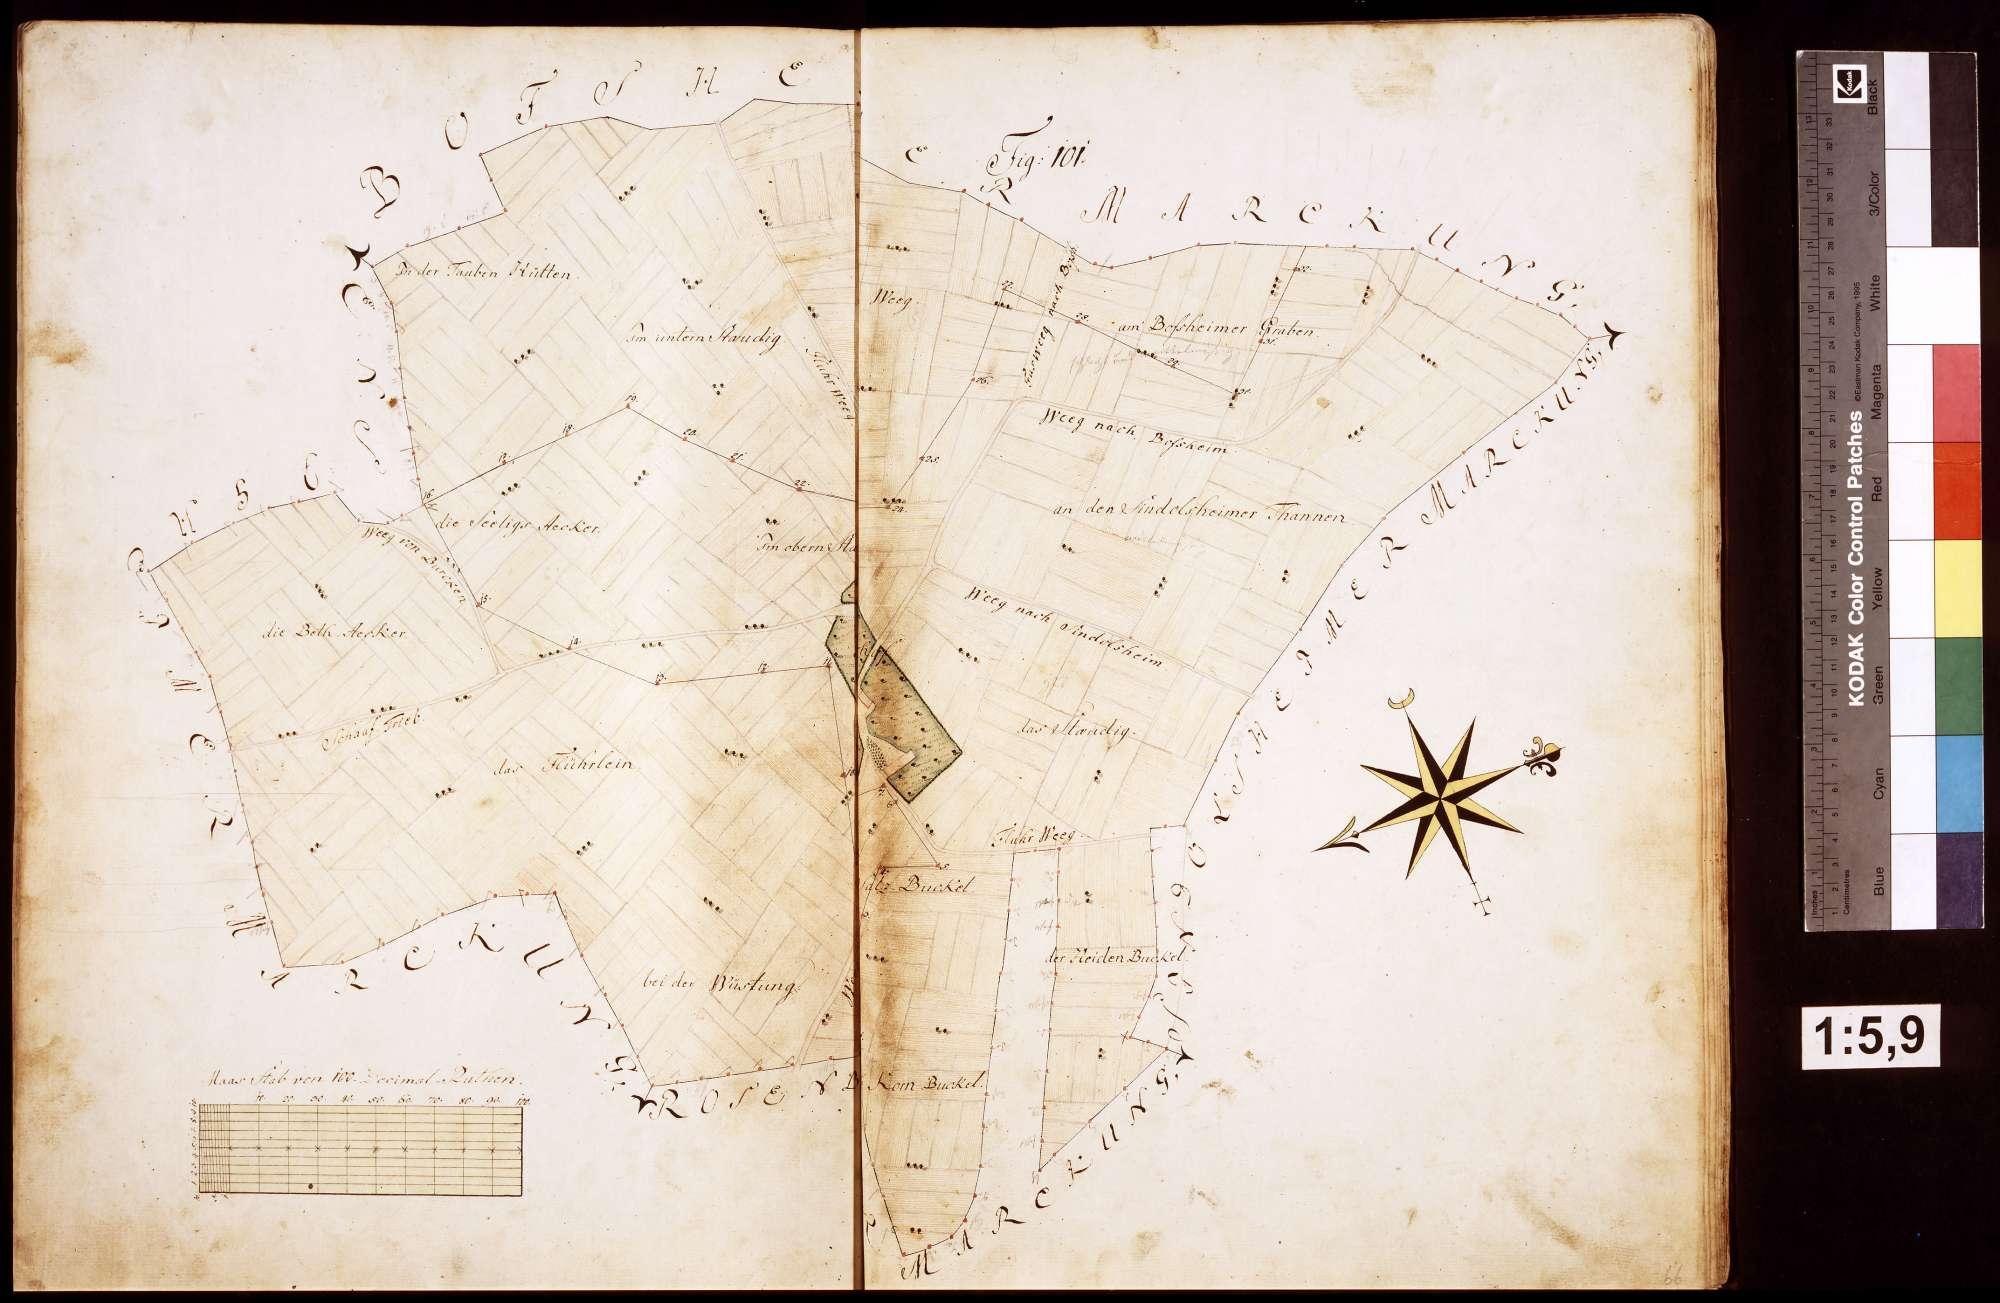 Rosenberg: Geometrische Aufnahme der löwensteinischen Gebäude und Grundstücke im Amt Rosenberg, Bild 2